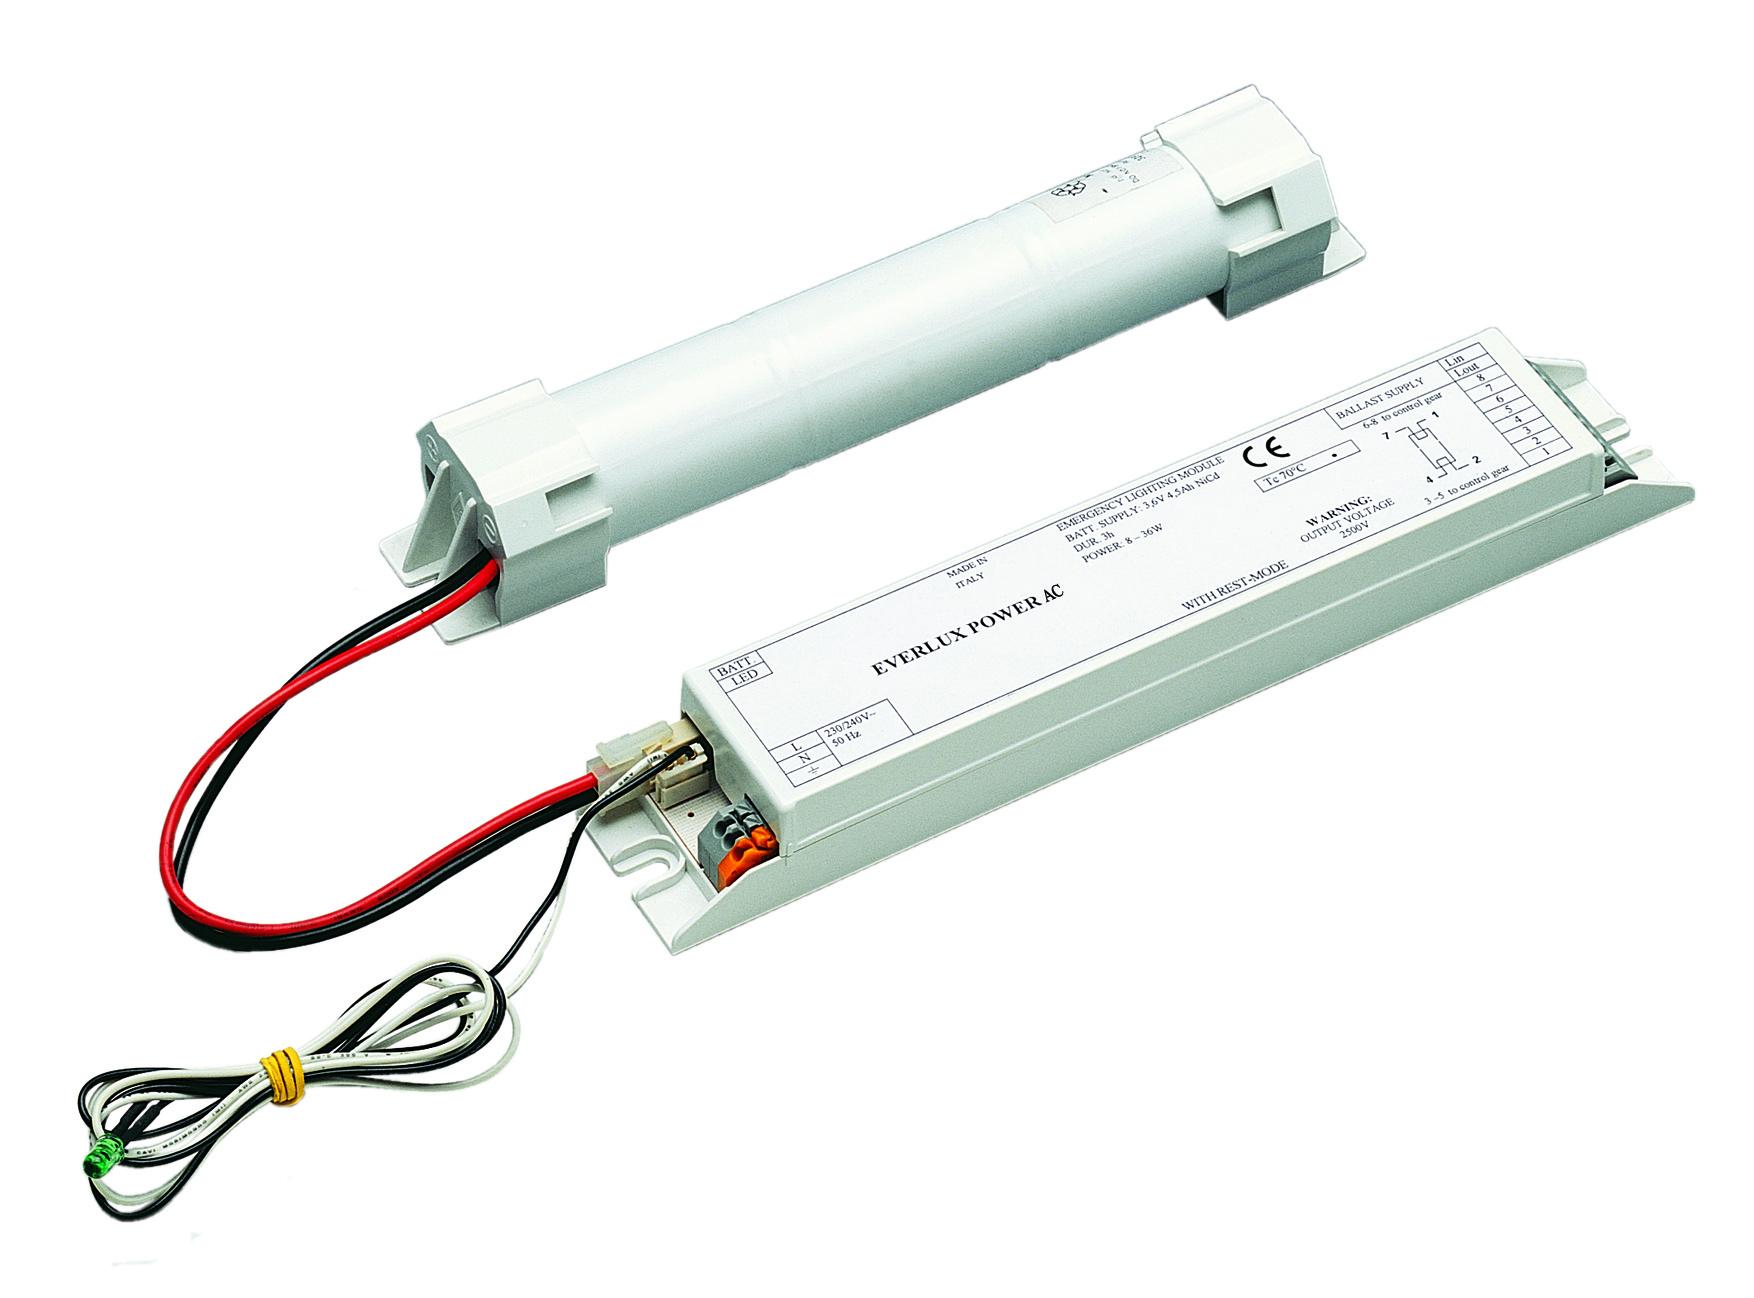 Plafoniere Per Navi : Evx power ac kit illuminazione emergenza per plafoniere con tubo